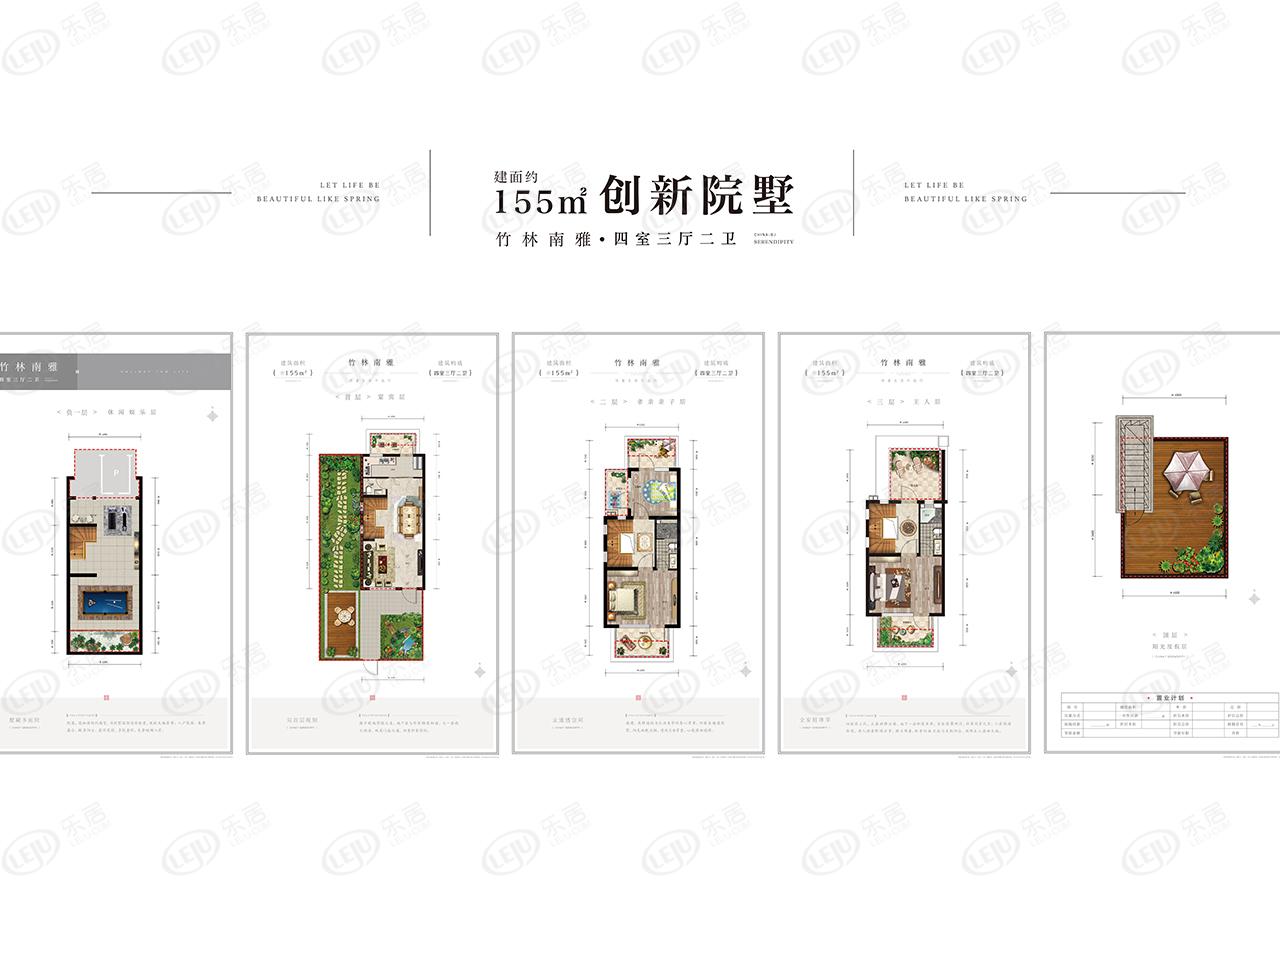 K2十里春风别墅155㎡户型户型图